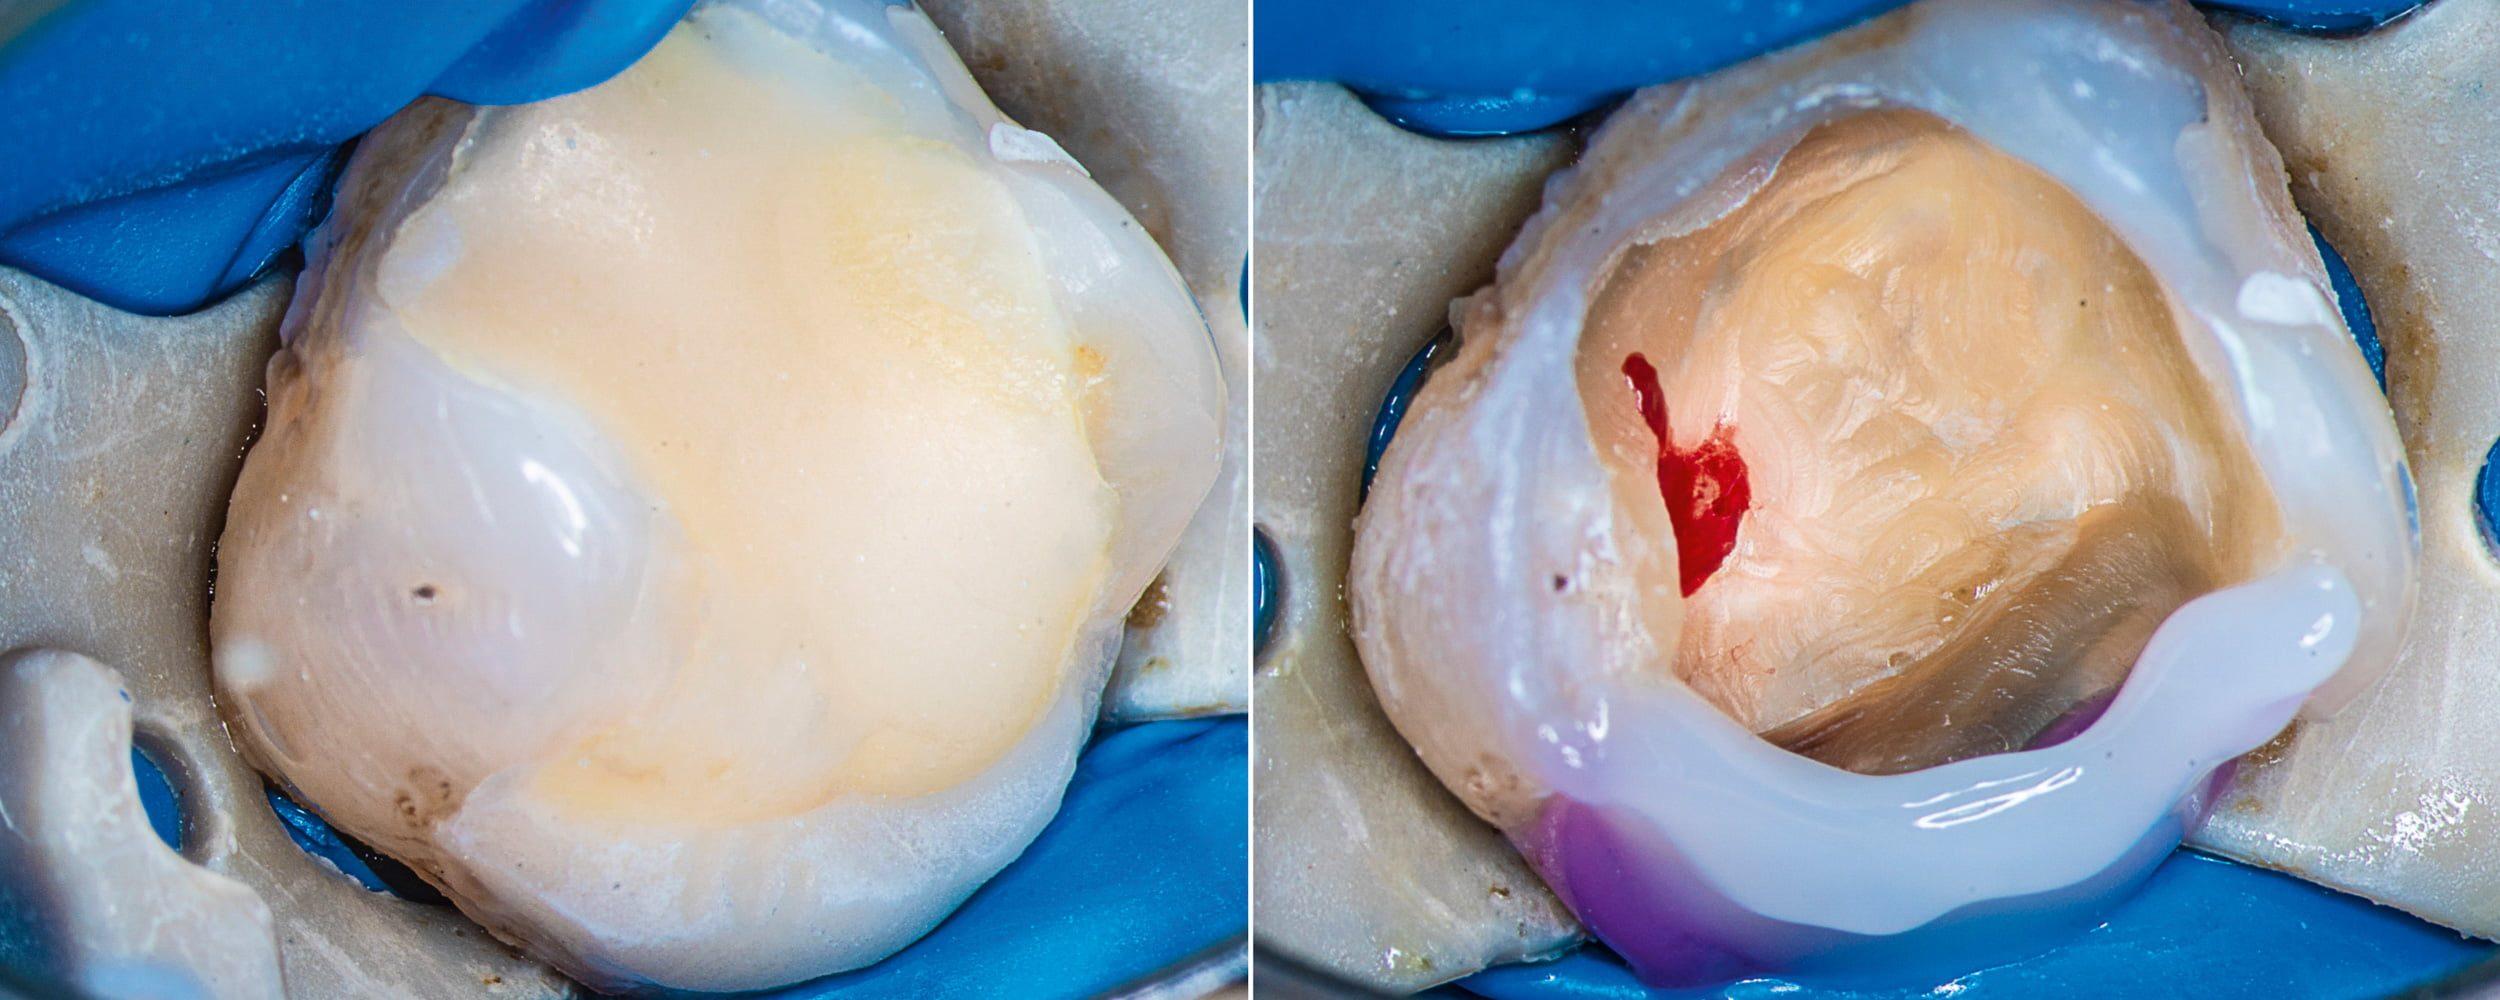 Przypadek 4 | Ryc. 19. Widok zęba przed rozpoczęciem procedury. Po usunięciu wypełnienia i doczyszczeniu widoczny zraniony róg miazgi.